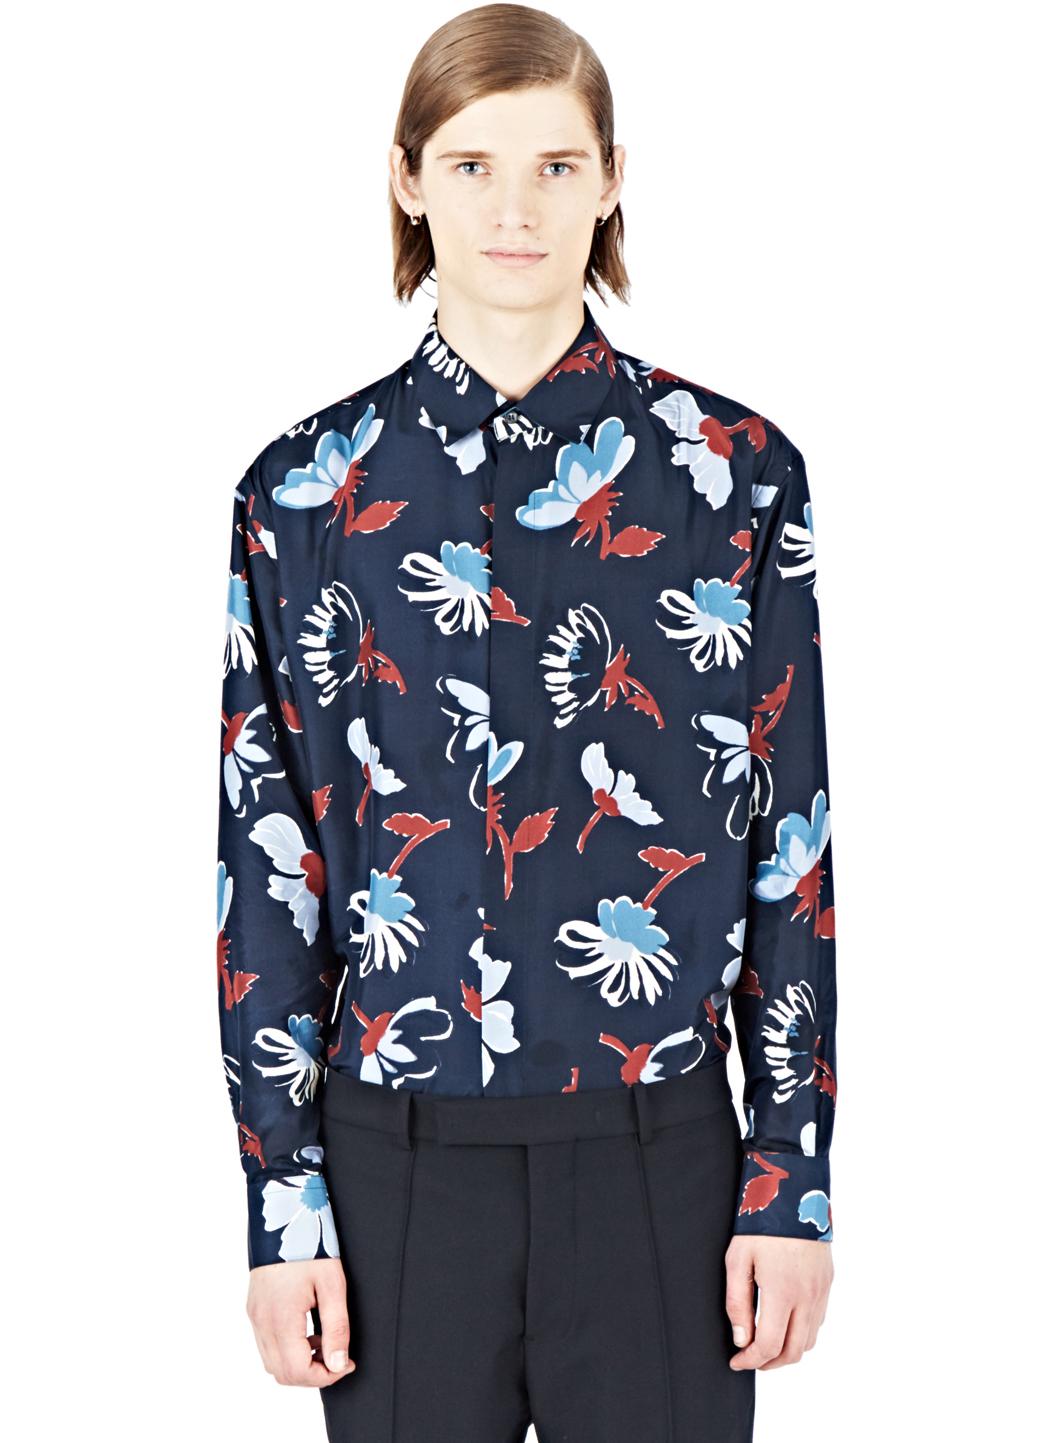 Floral-printed silk blouse Marni Discount qwB2W1h